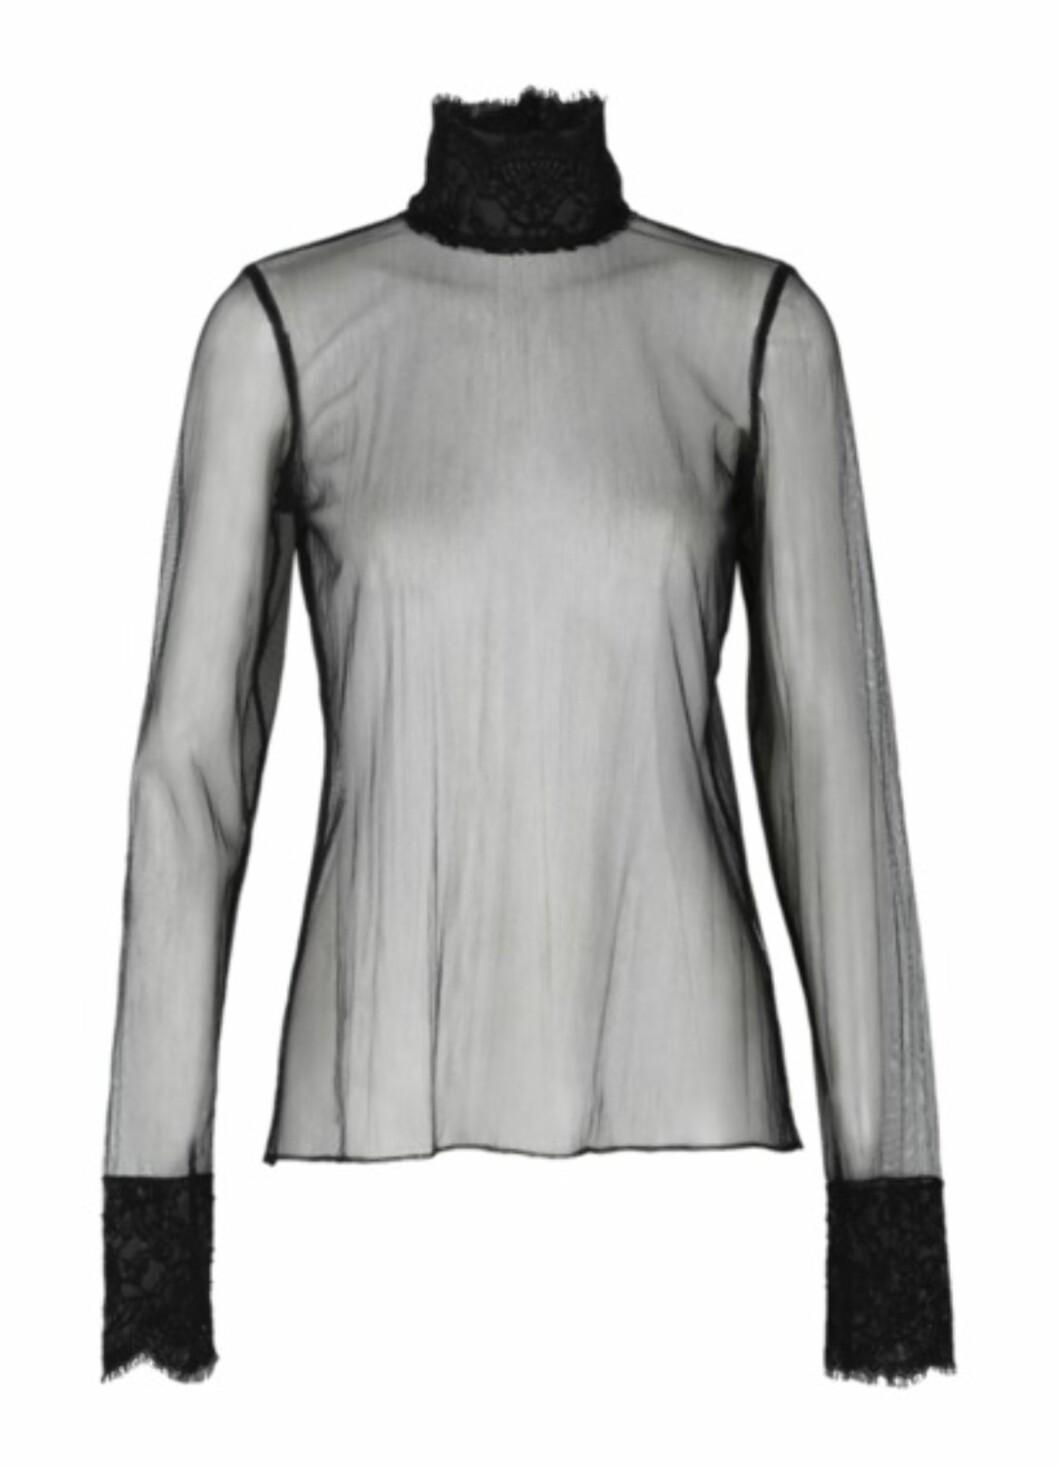 <strong>Topp fra Dorothee Schumacher | kr 3463 | https:</strong>//www.dorothee-schumacher.com/en/blouses/feminine-energy-blouse-sleeve-11-pure-black-181766.181776